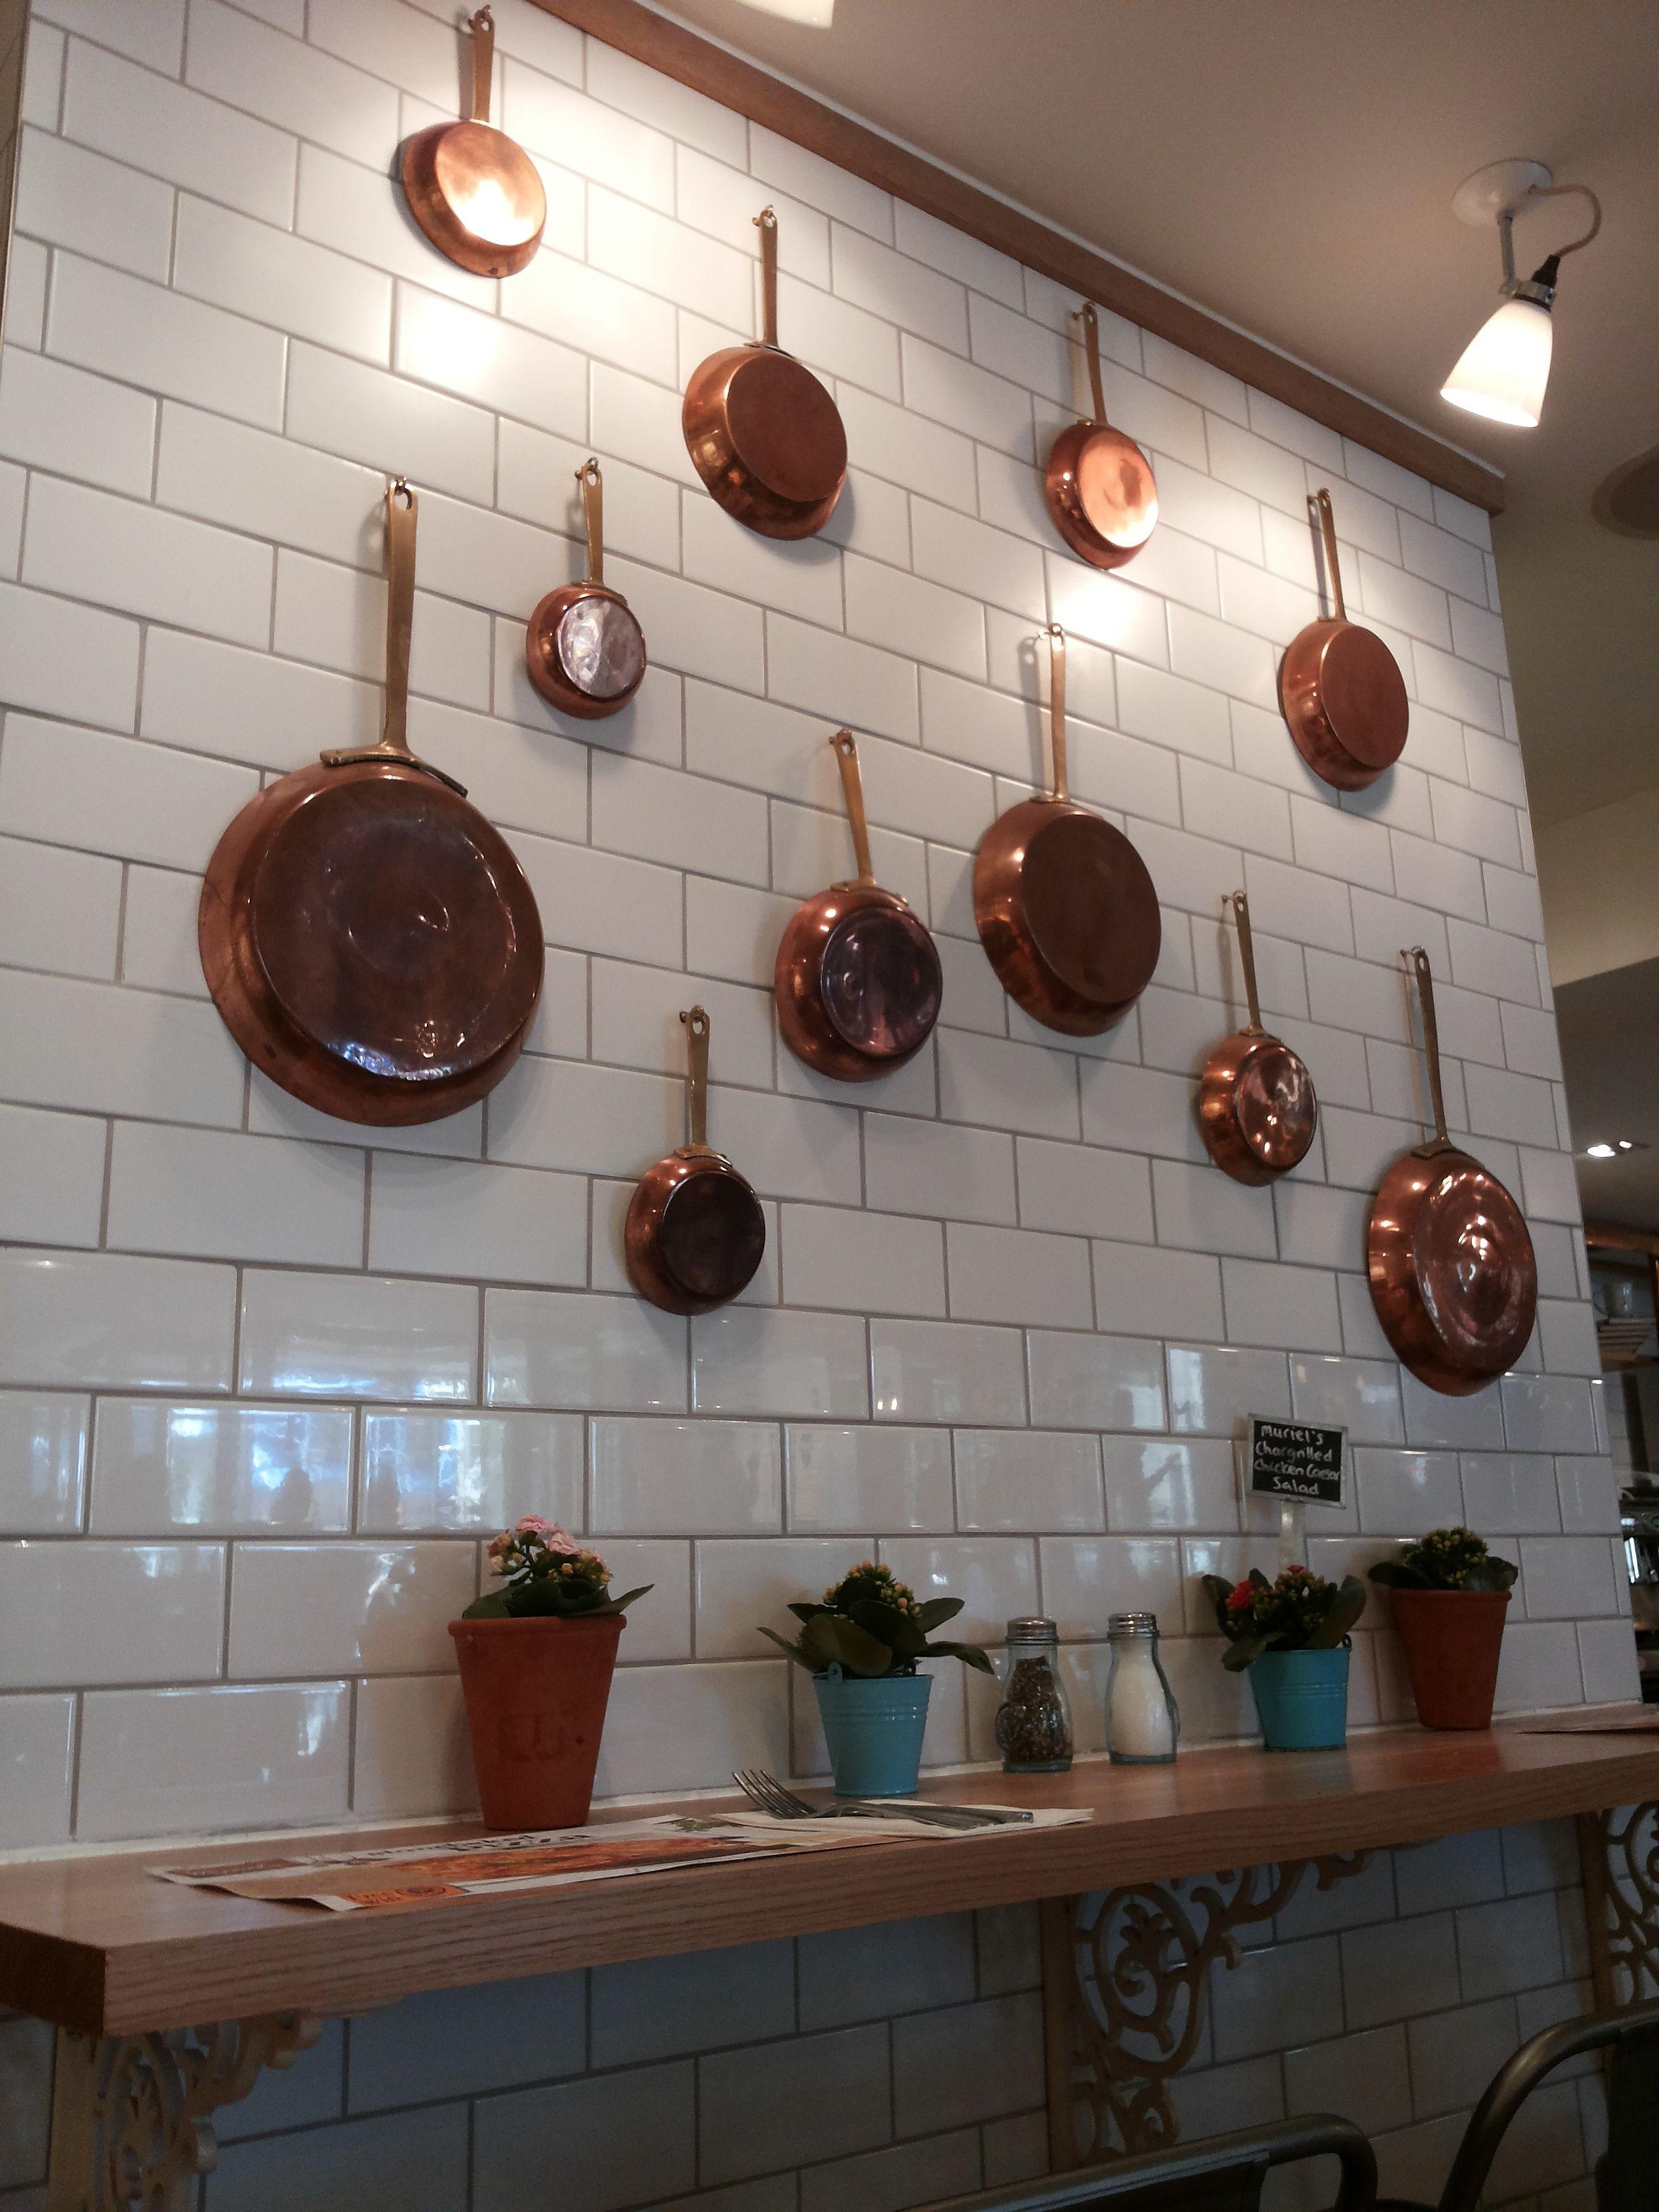 Muriel's Kitchen - London